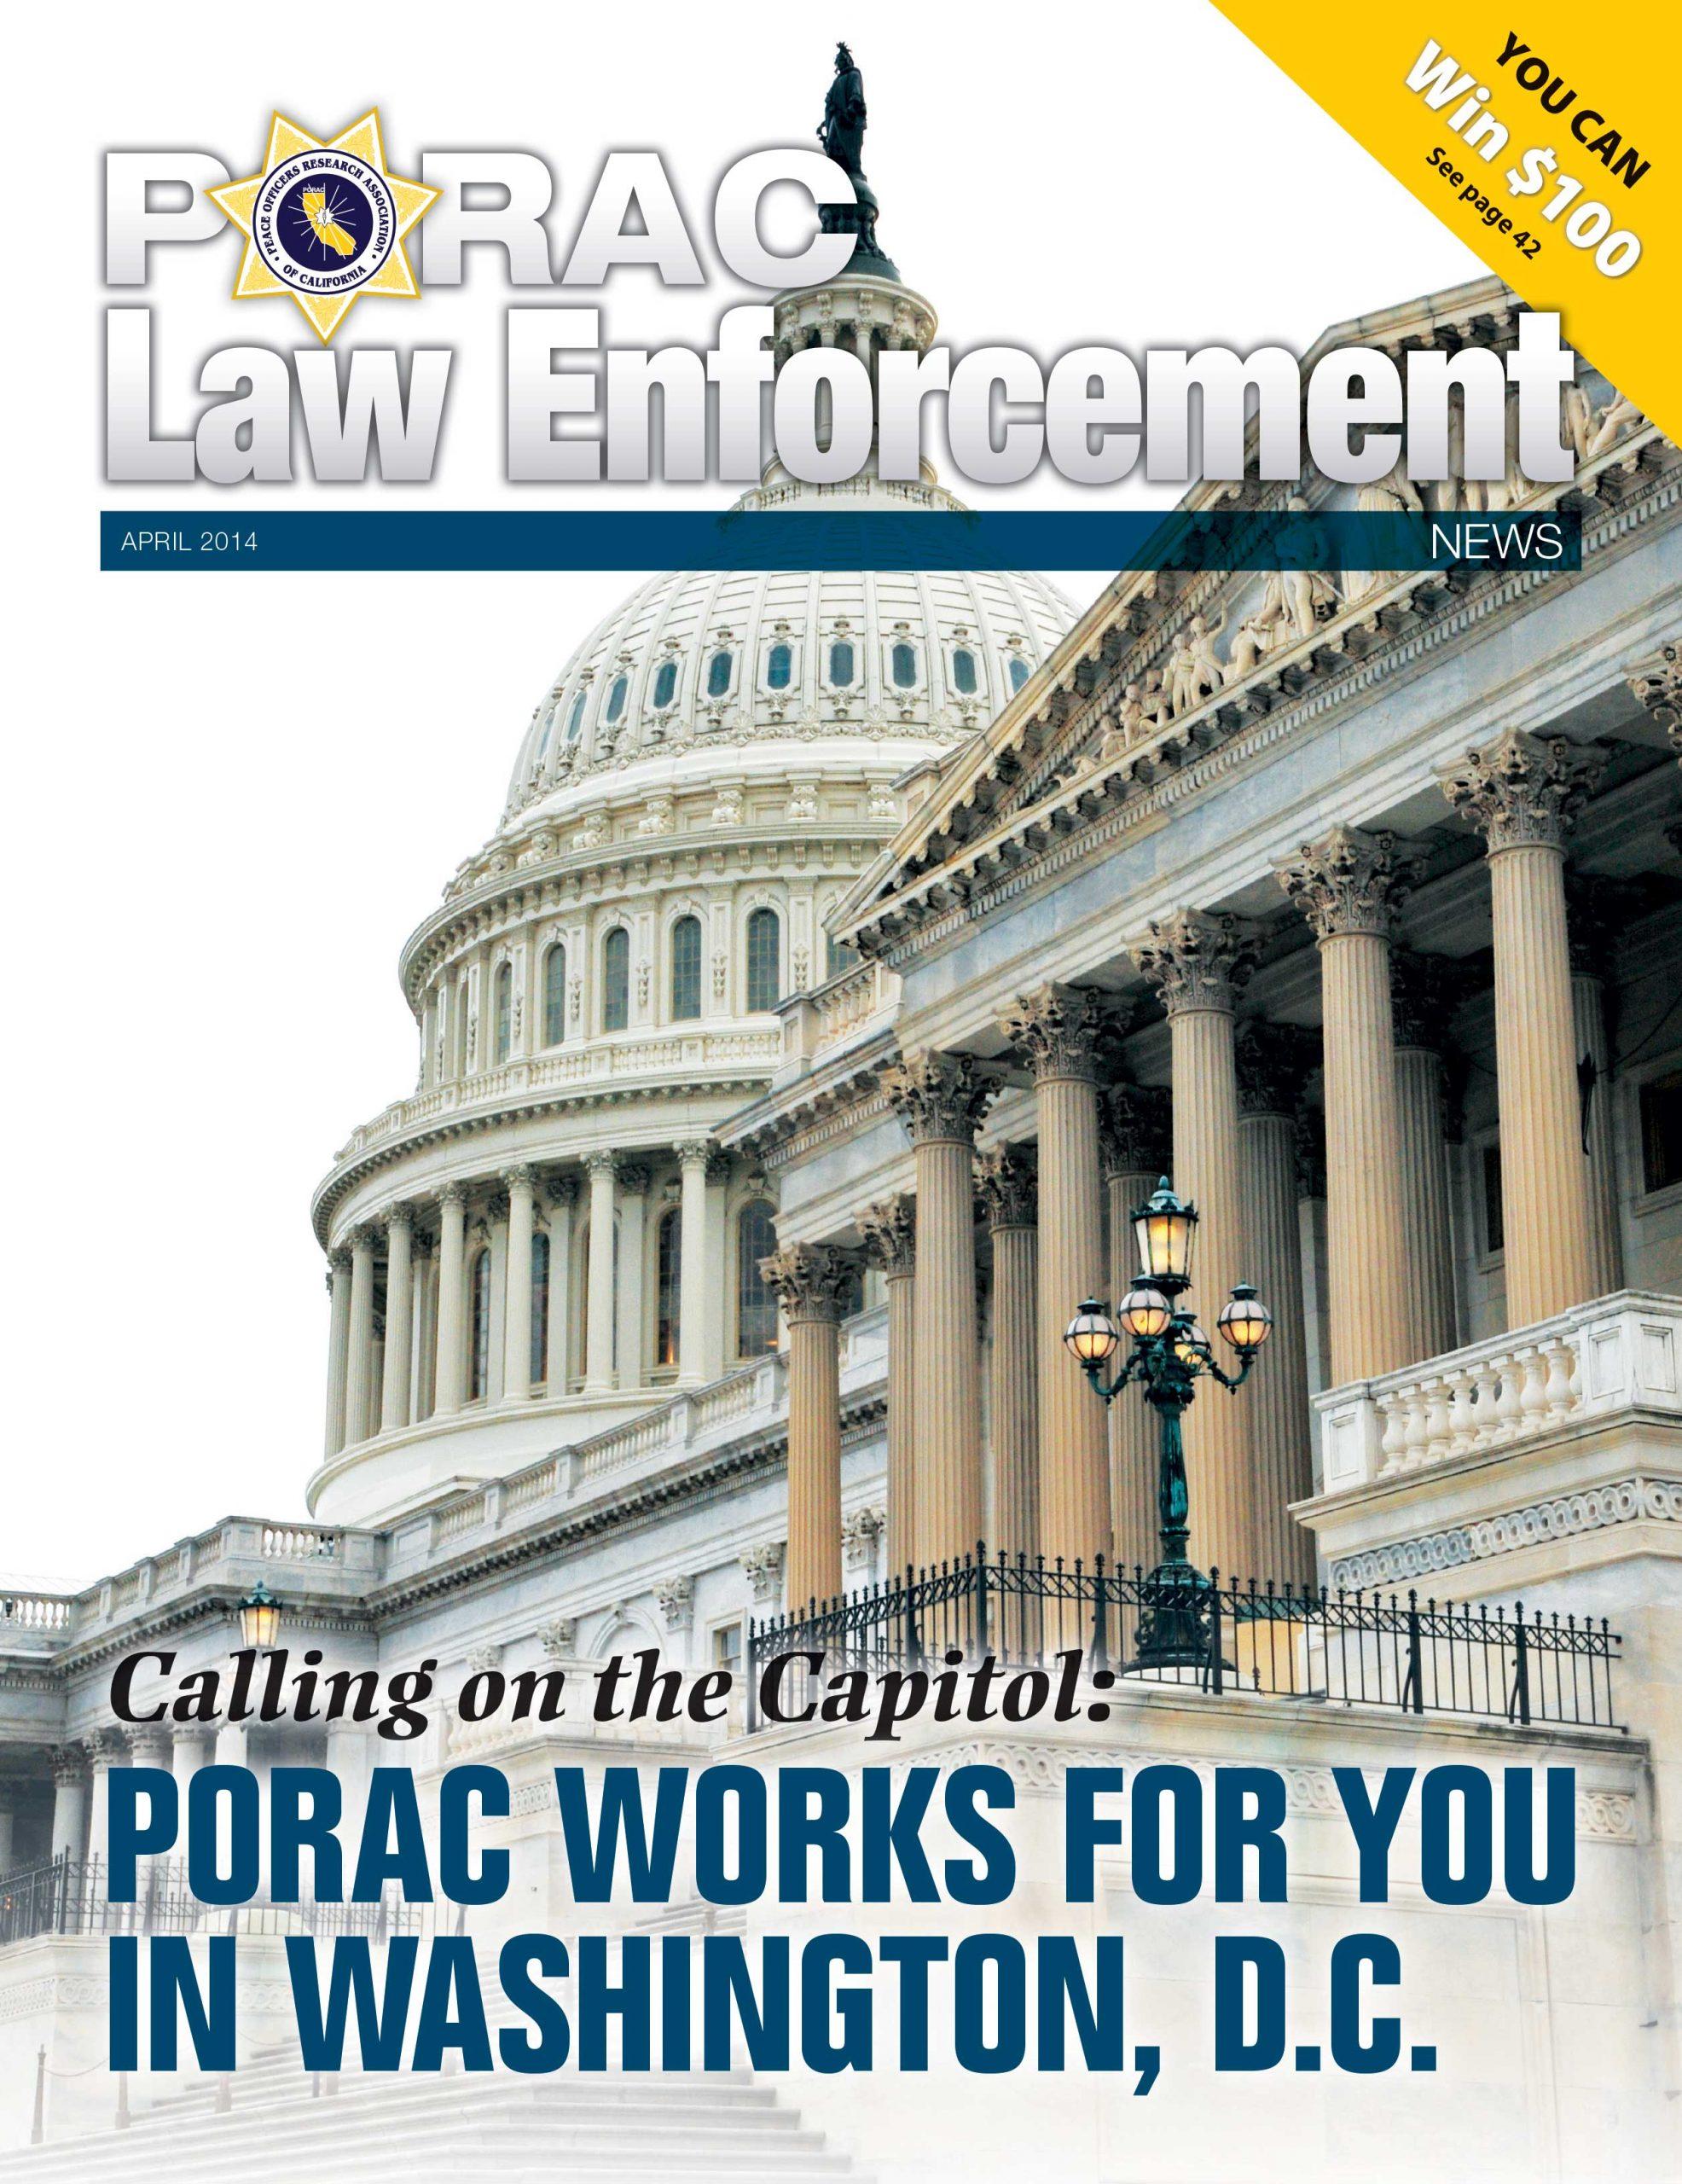 PORAC Law Enforcement News – April 2014